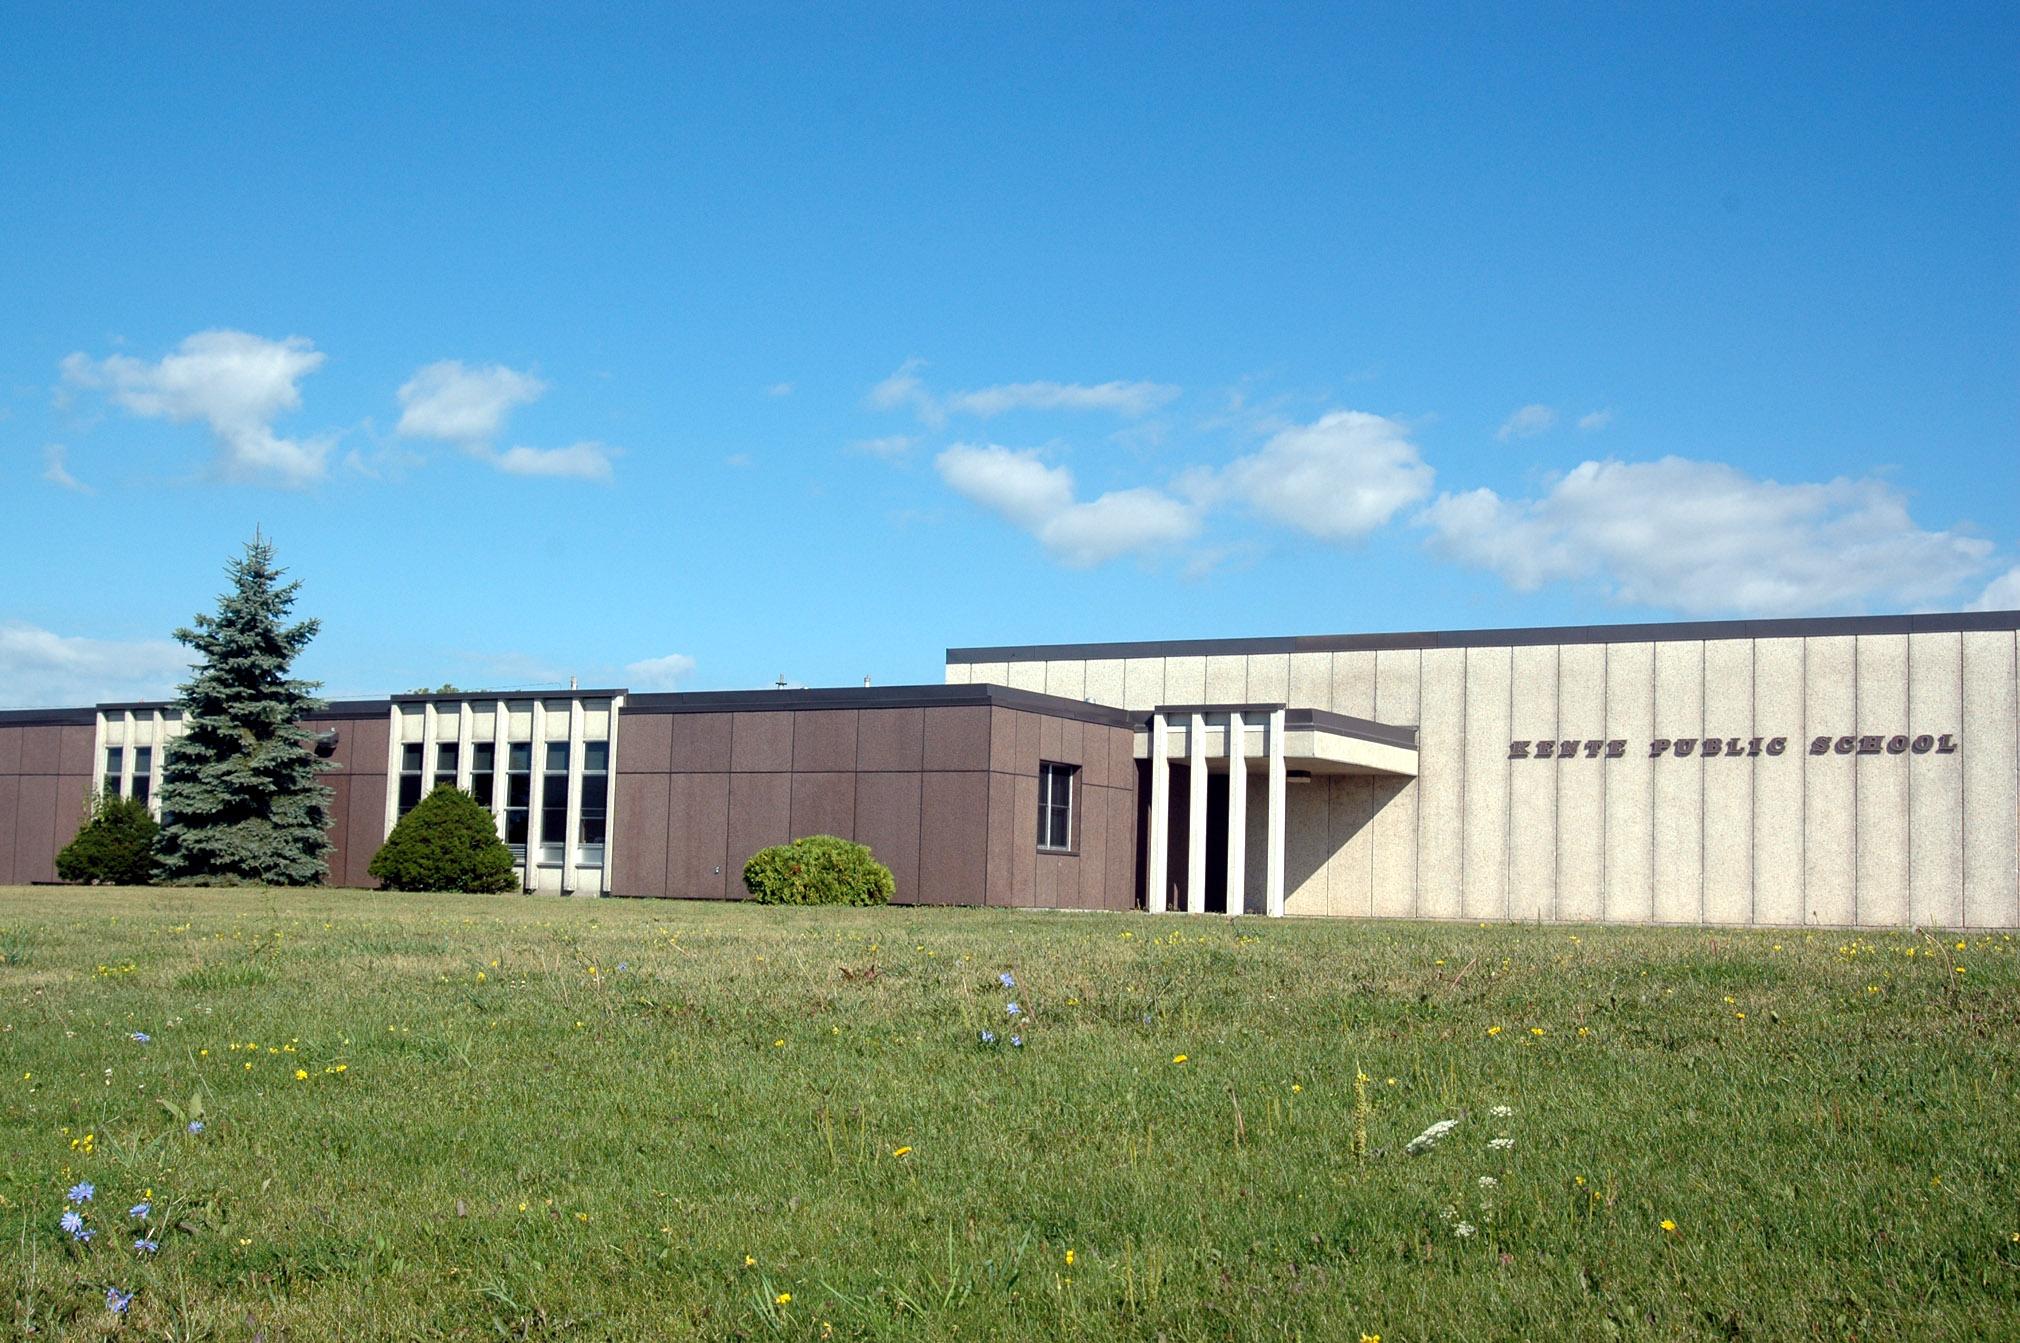 Kente Pubic School